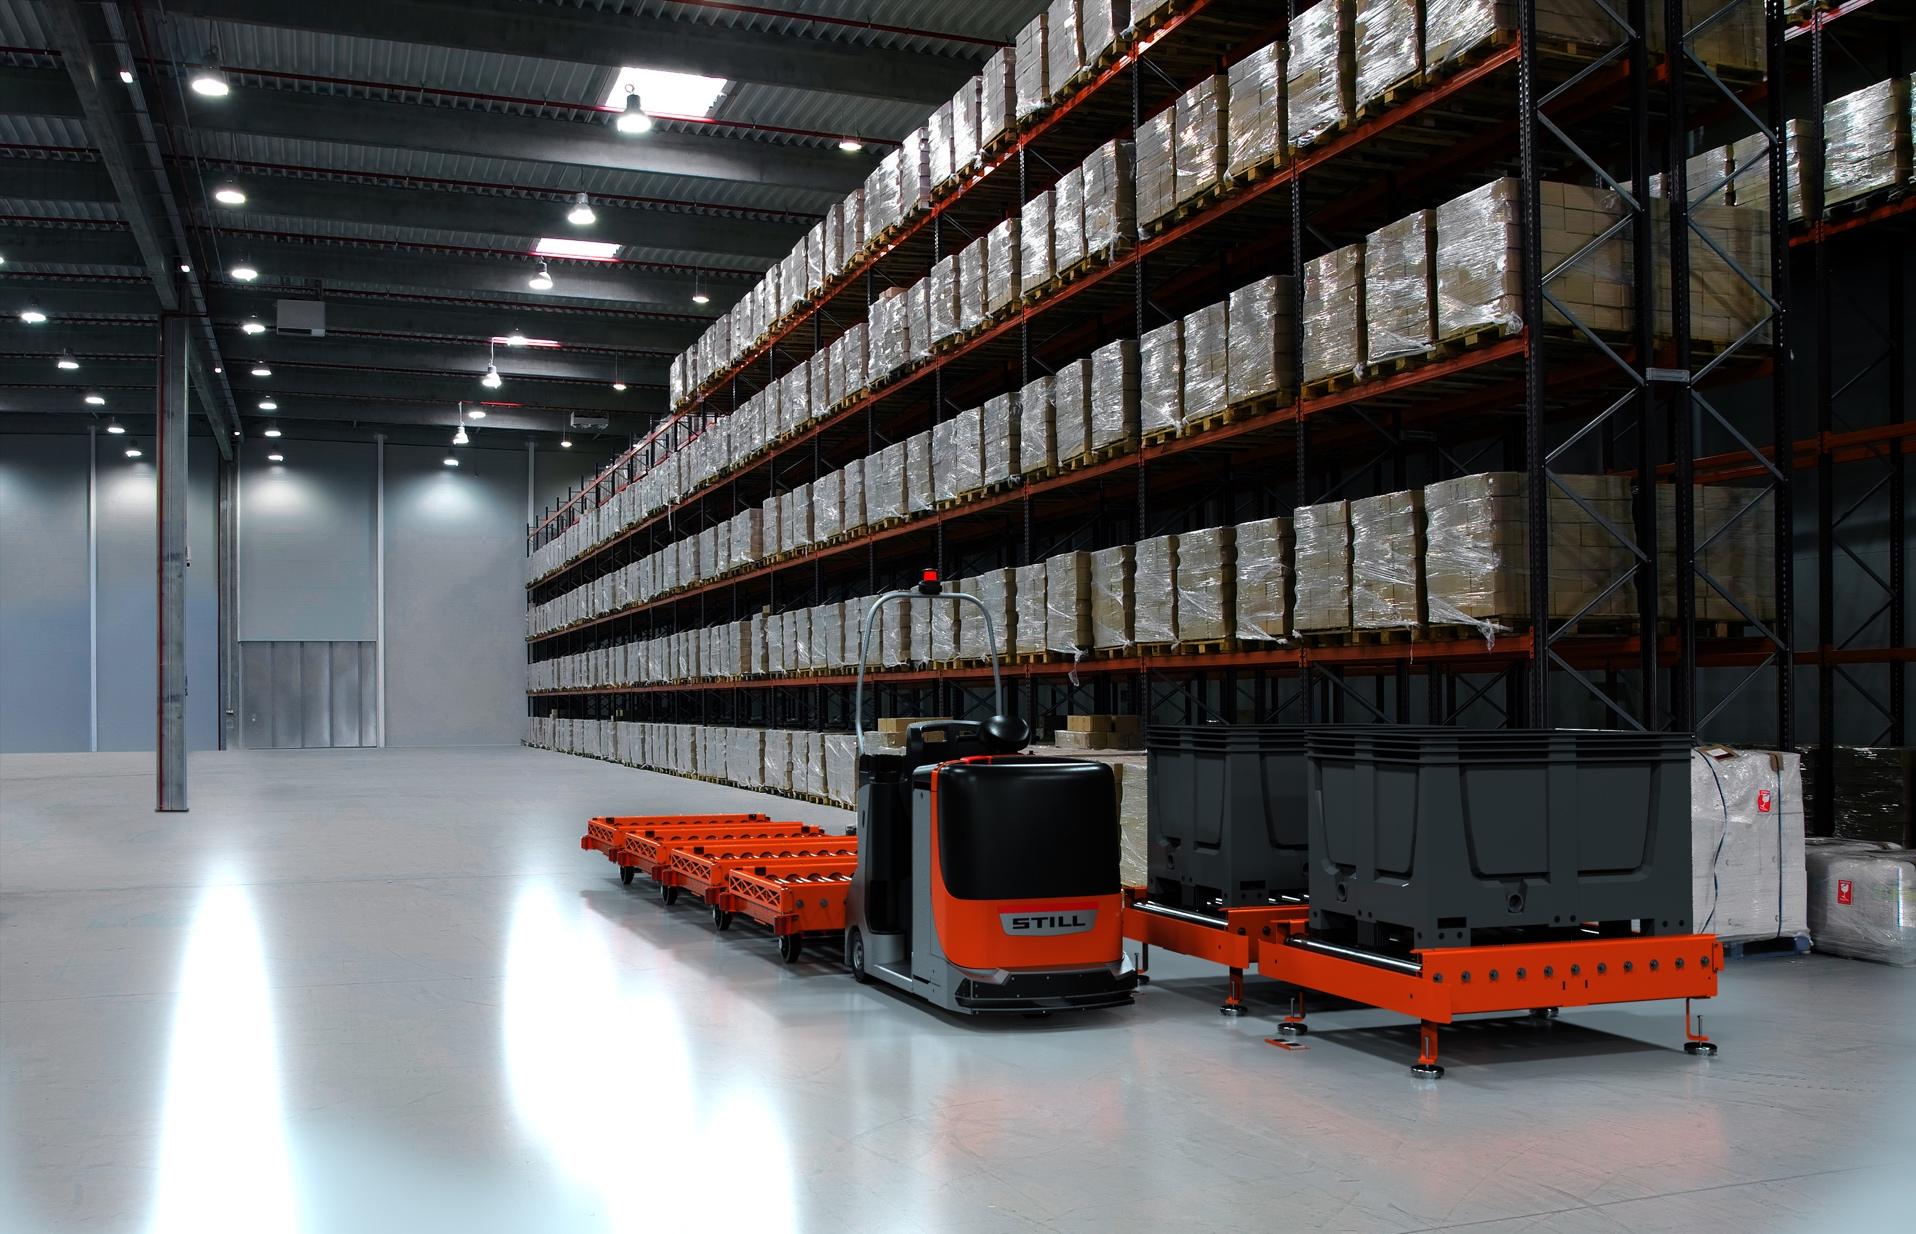 Mit dem automatisierten E-Rahmen  und der Übergabestation eröffnet  STILL den Kunden neue  Möglichkeiten. Jetzt können auch  Lasten bis zu 1,5 Tonnen pro  Anhänger per Routenzug zur  Produktion gebracht werden.